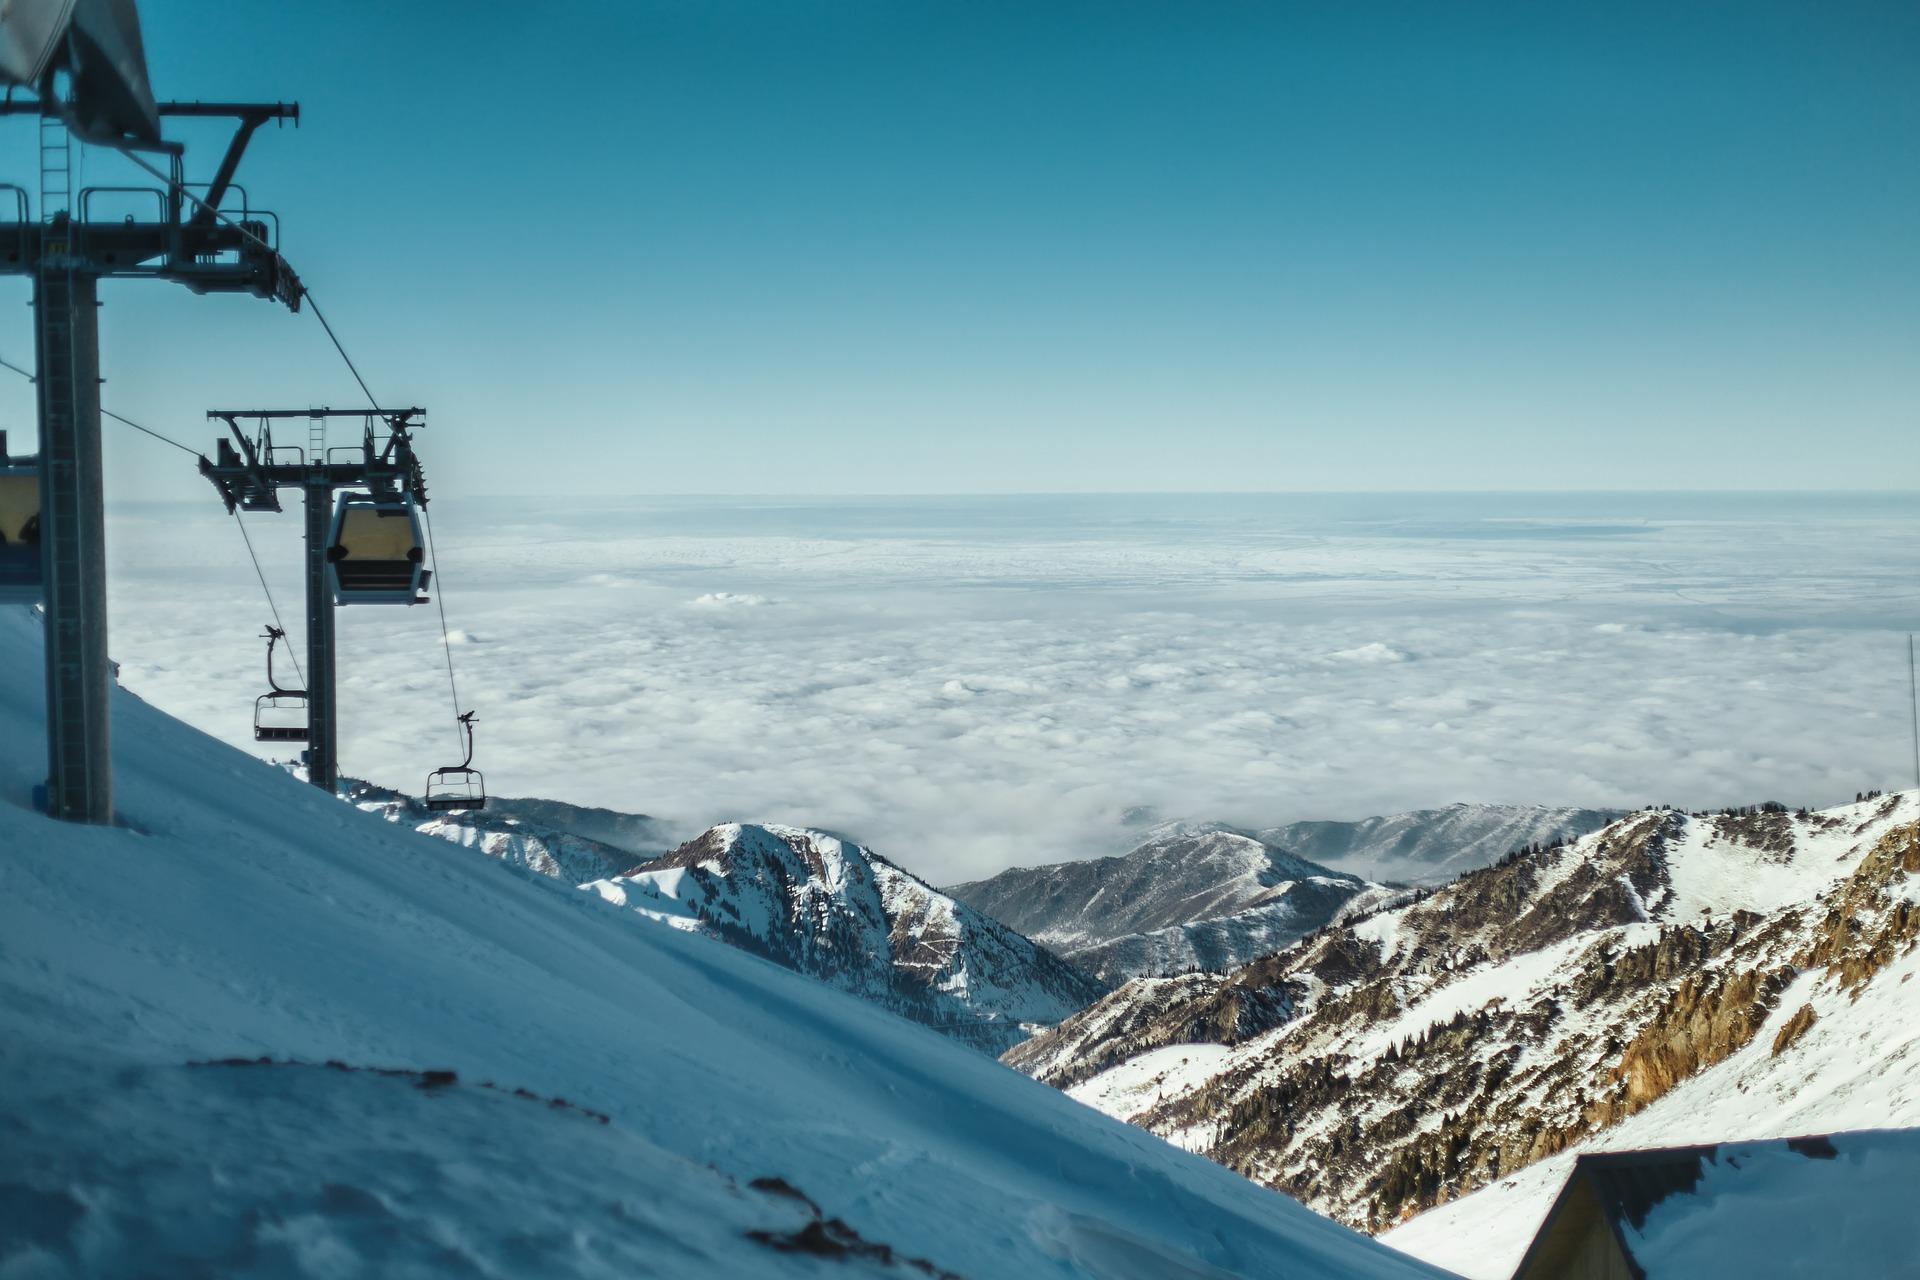 Skiurlaub in Kasachstan ist sehr günstig und vorallem für könner perfekt